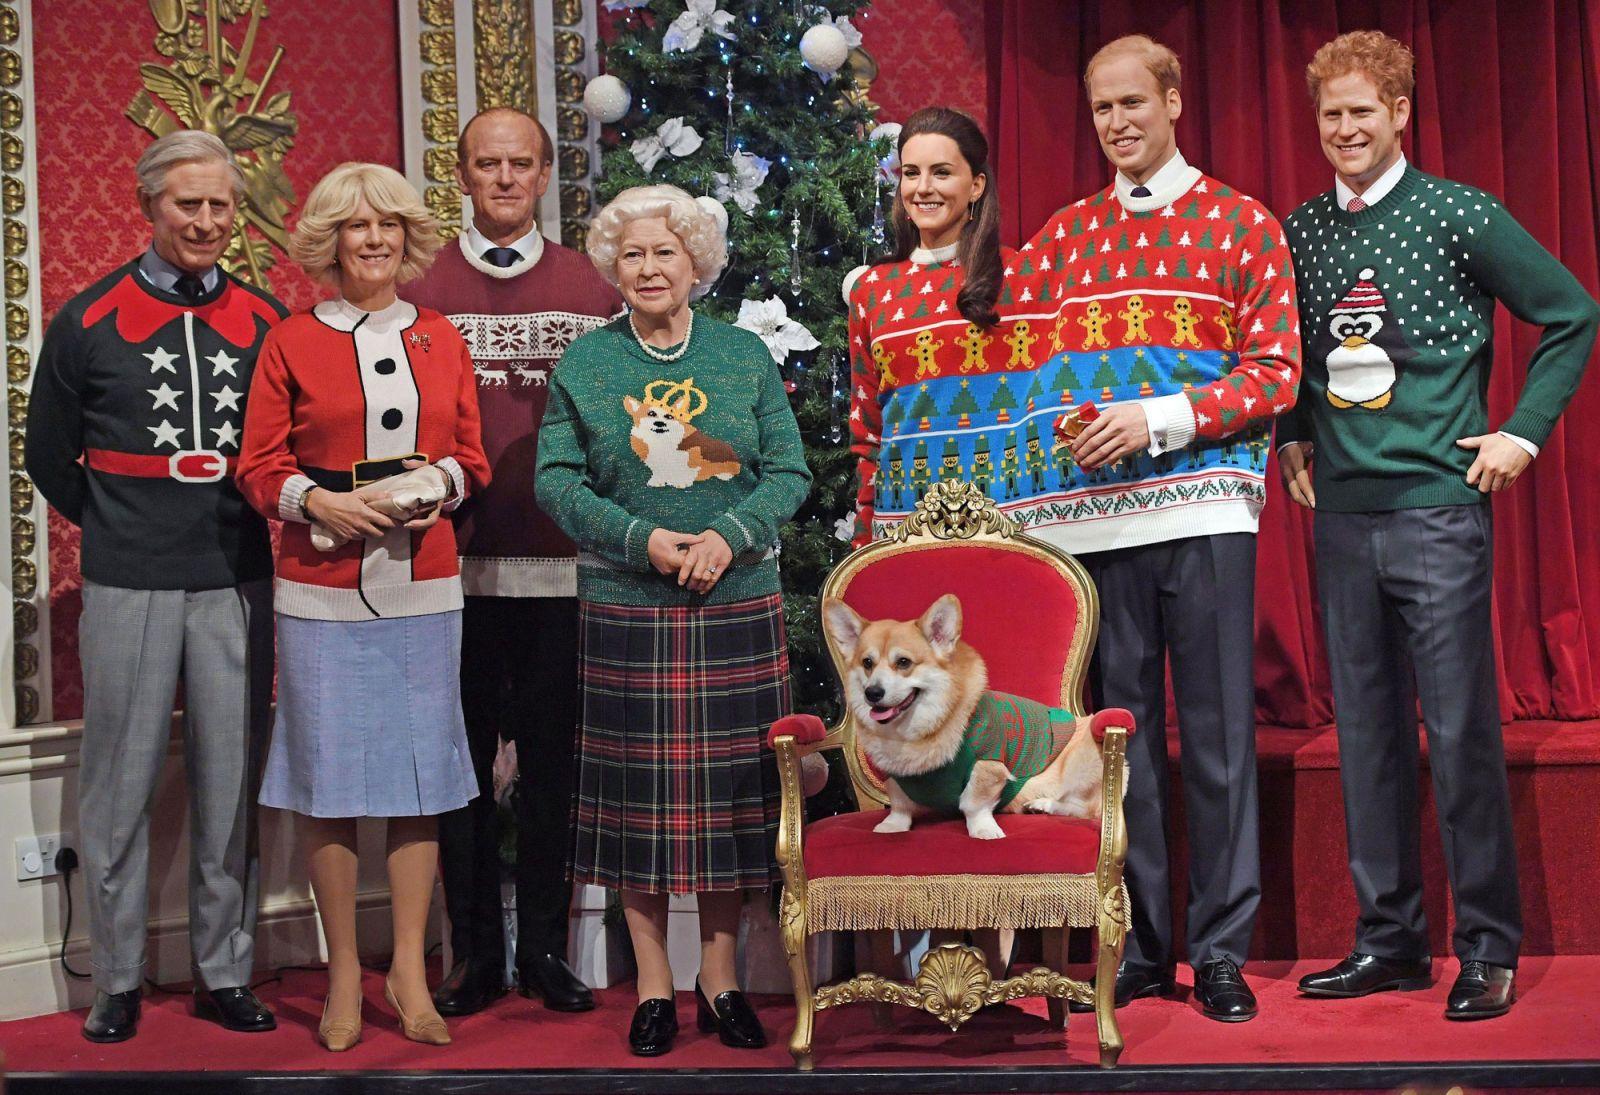 Royal Family Christmas.Pin On Royalty